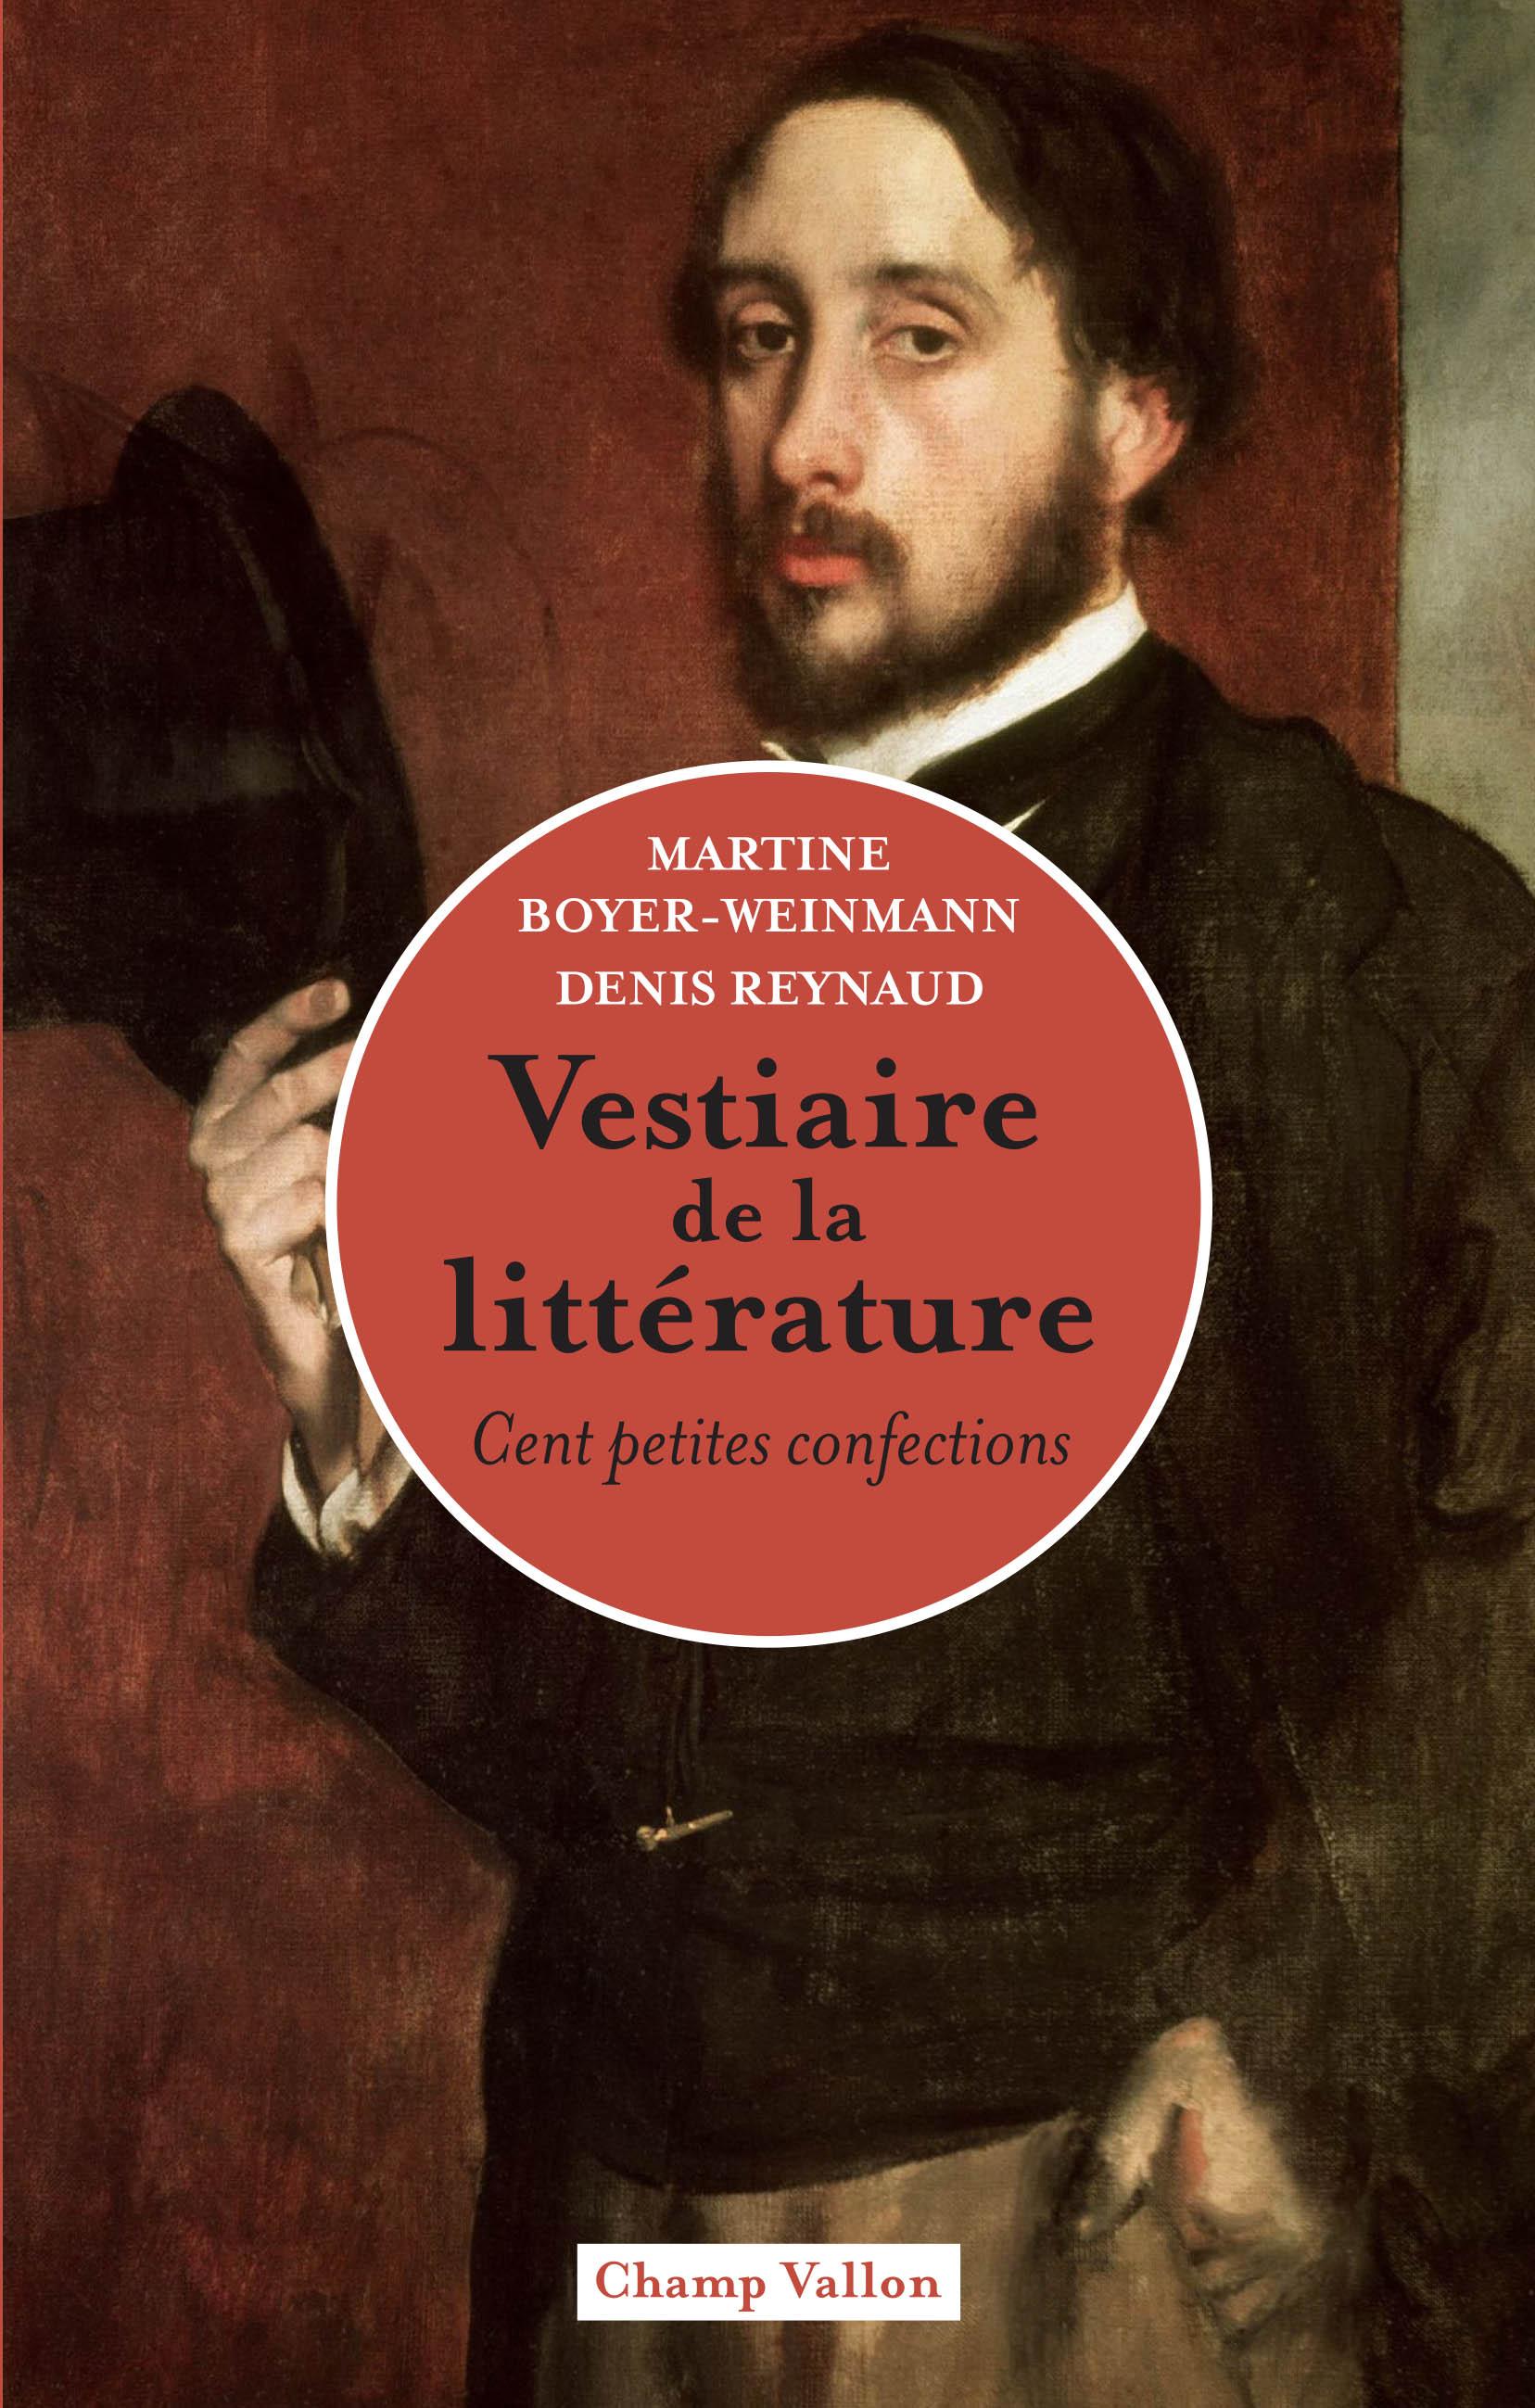 M. Boyer-Weinmann, D. Reynaud, Vestiaire de la littérature. Cent petites confections